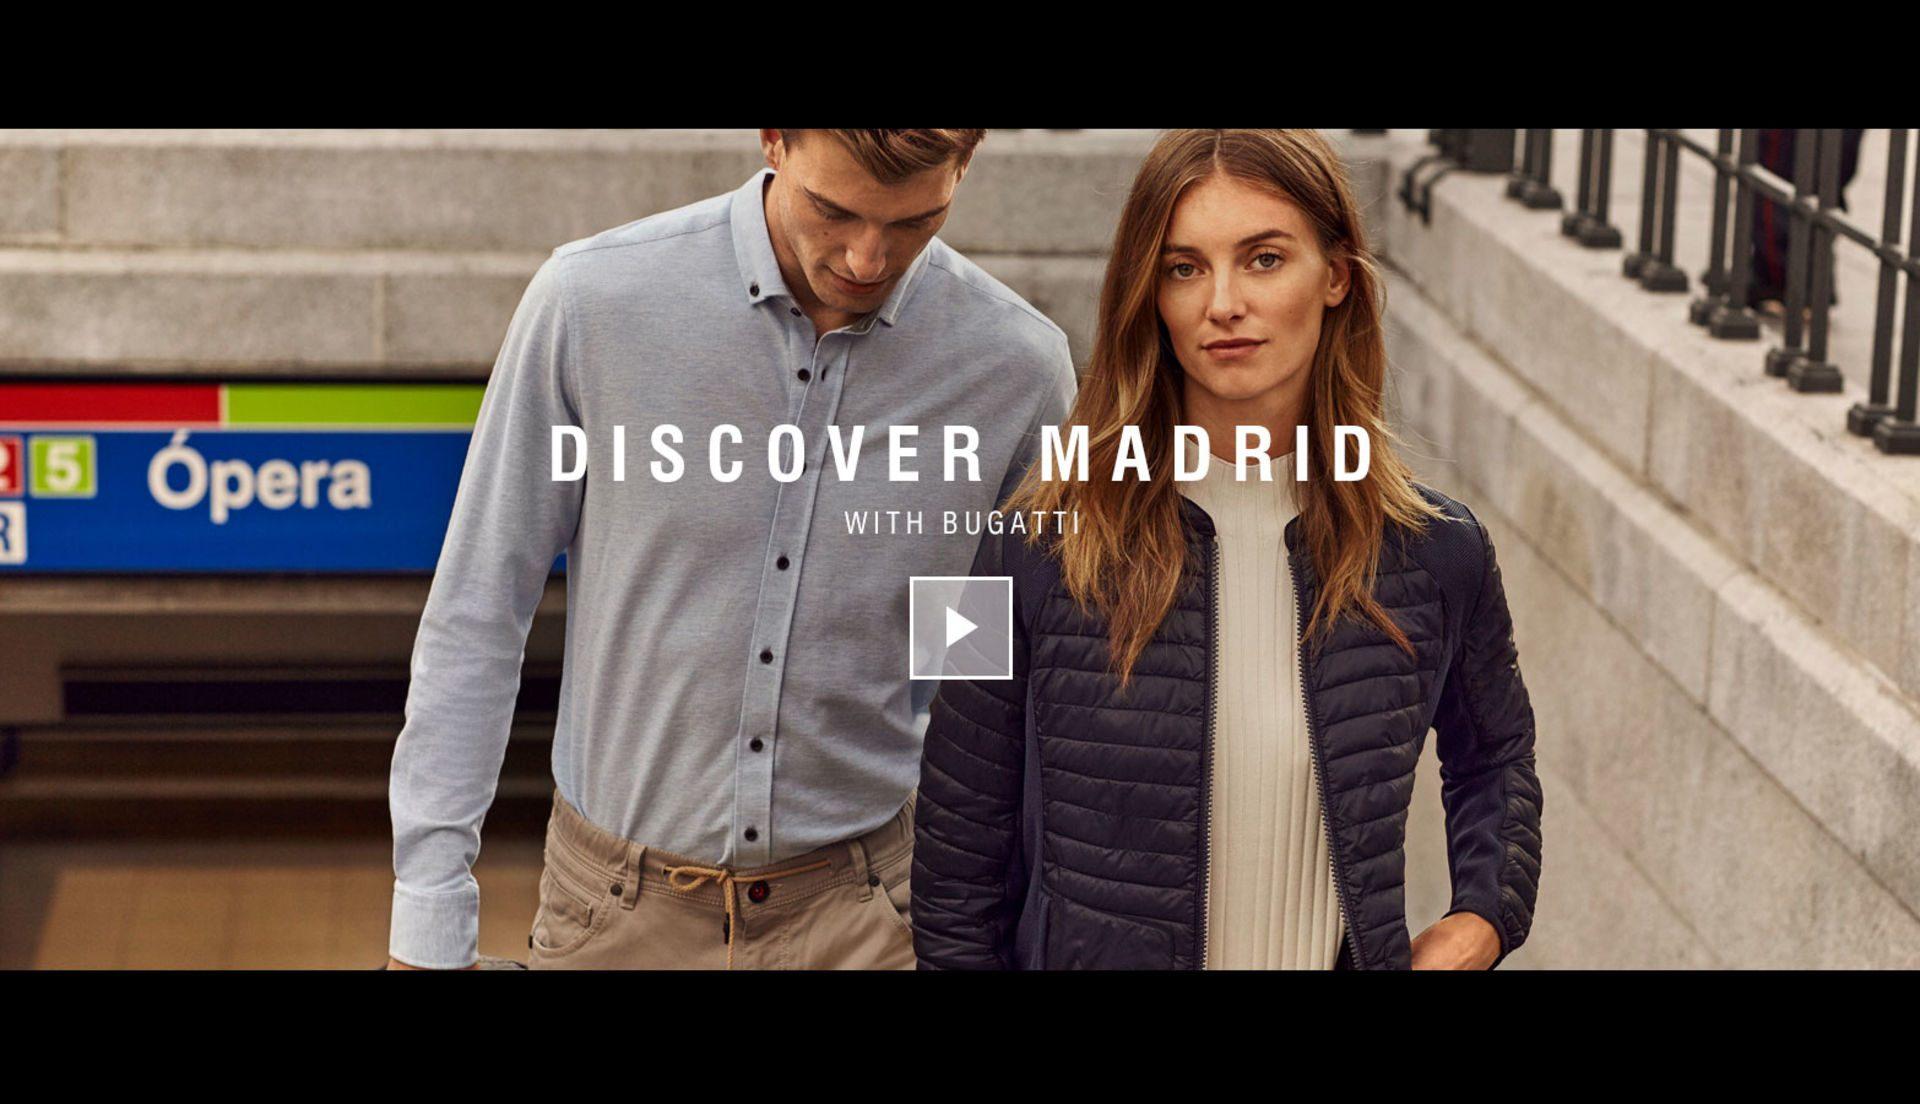 csm bugatti fashion campaign video startbild 51dc9ff413 - - Con Murphys Menswear